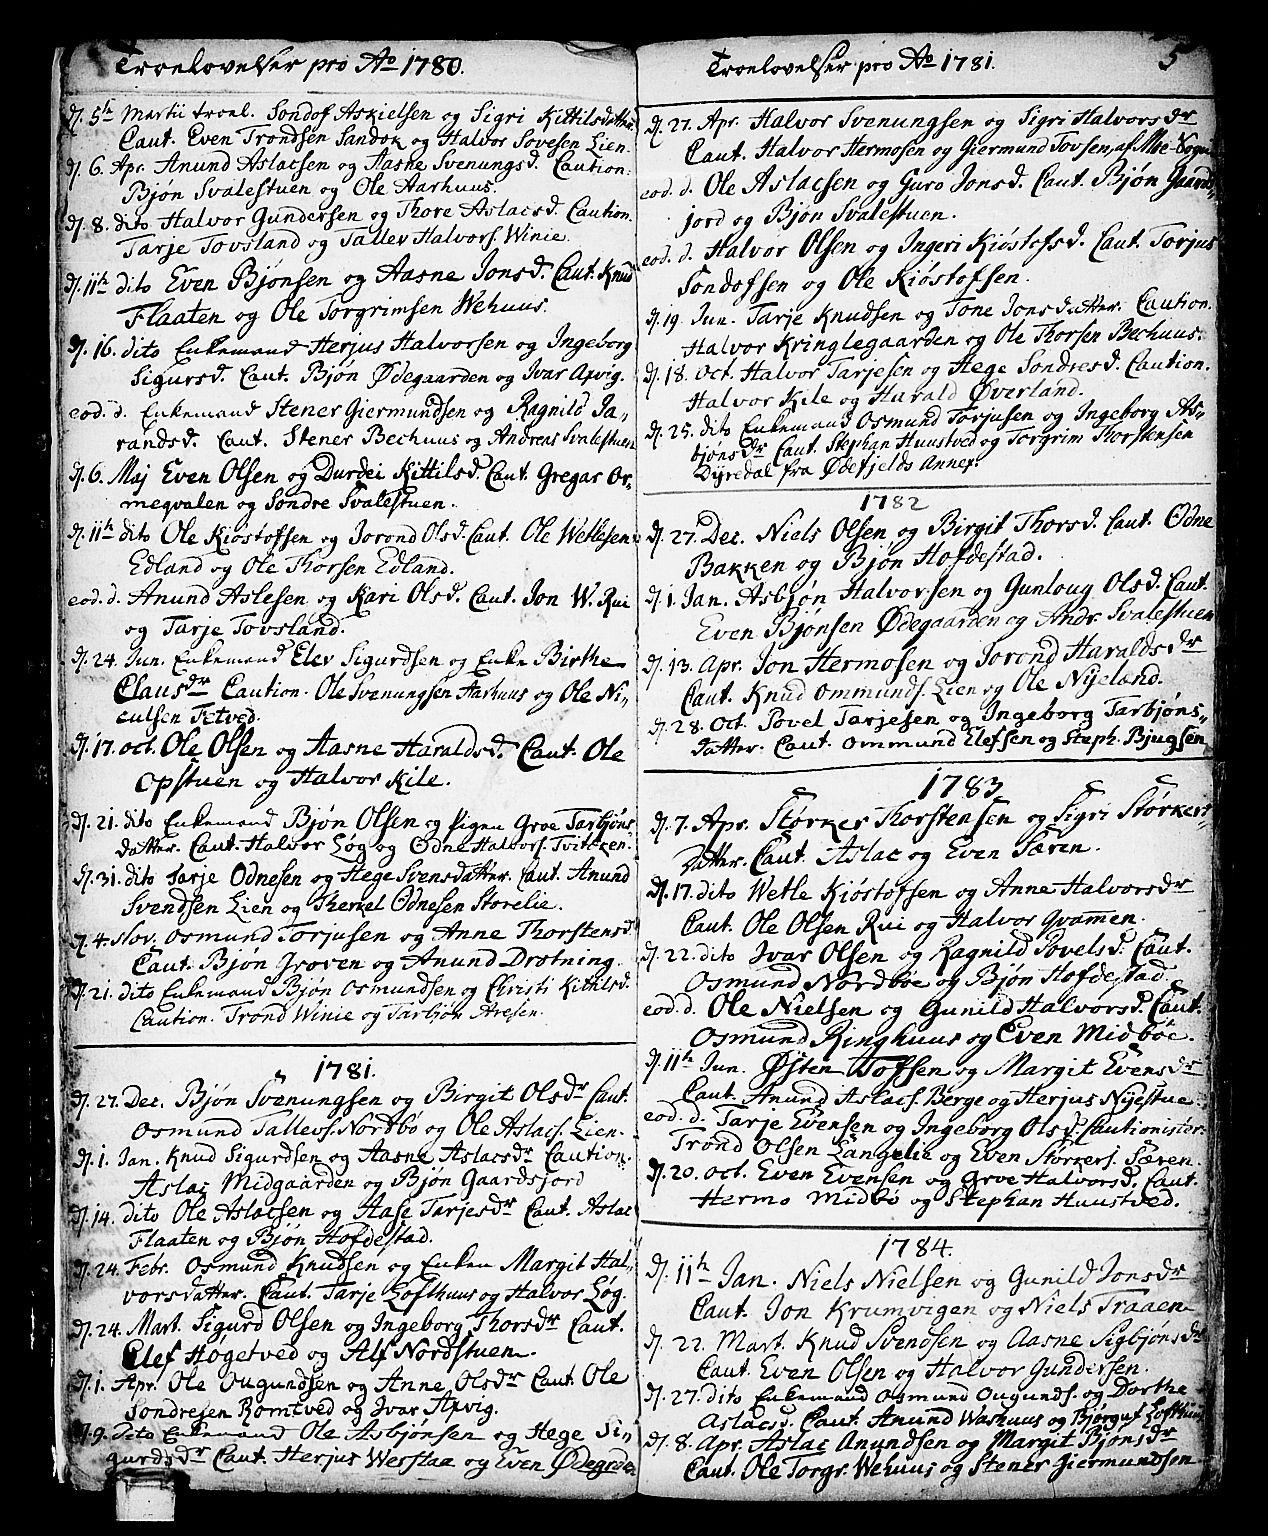 SAKO, Vinje kirkebøker, F/Fa/L0002: Ministerialbok nr. I 2, 1767-1814, s. 5